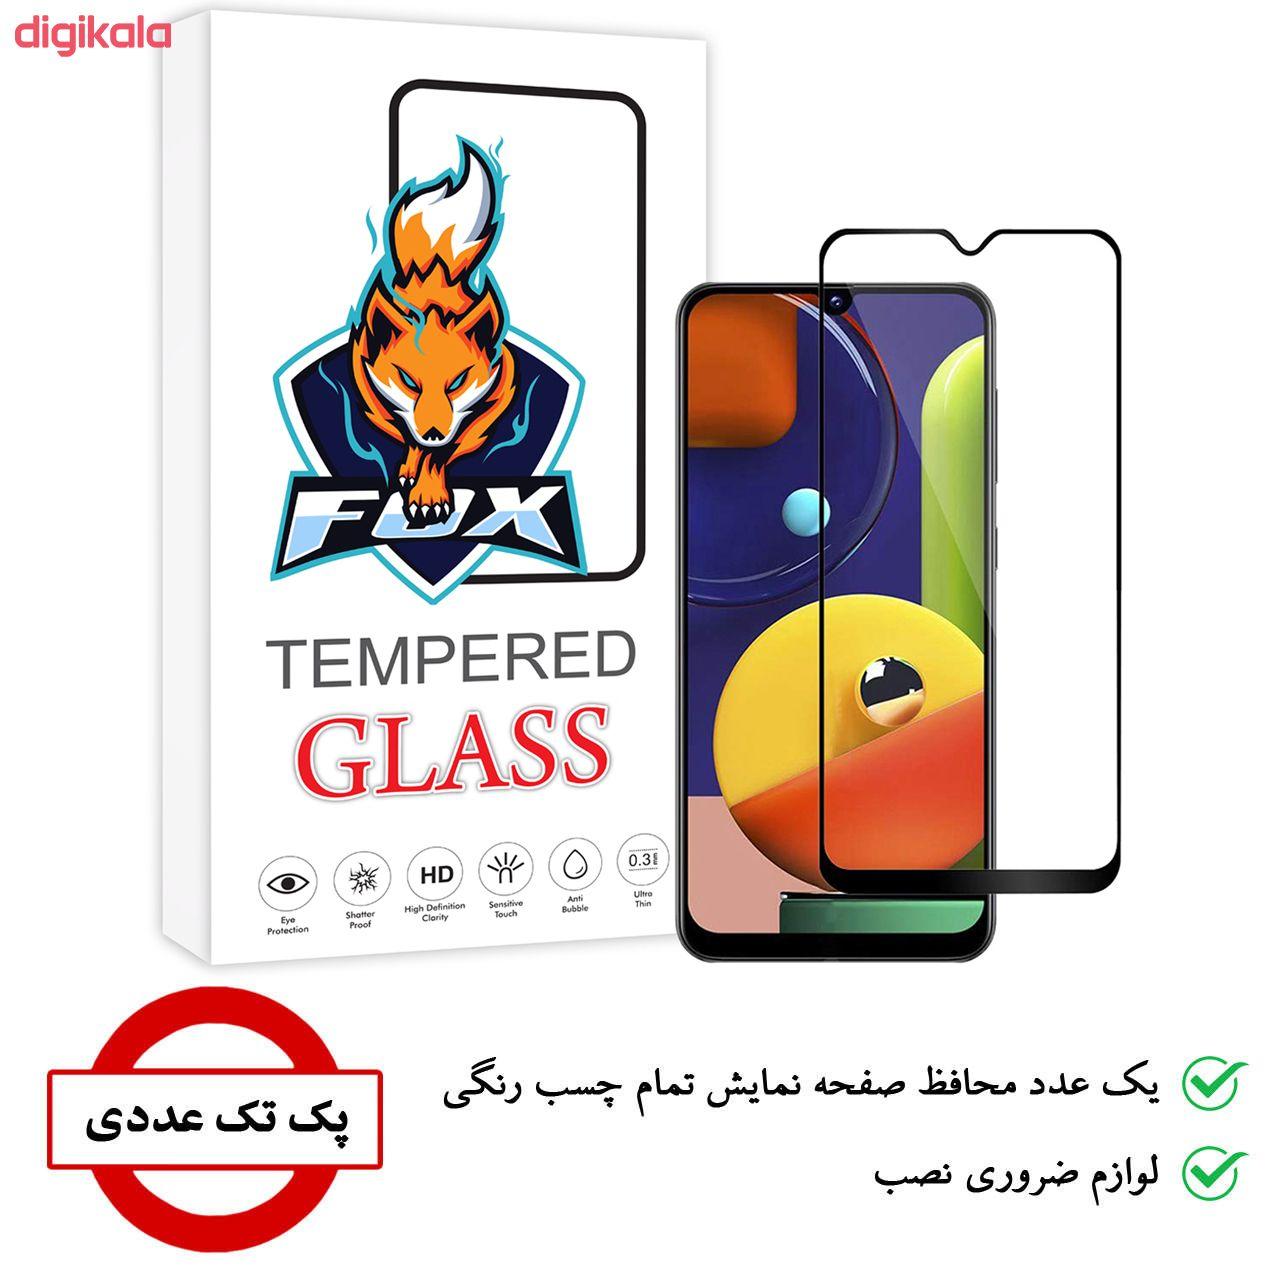 محافظ صفحه نمایش فوکس مدل PT001 مناسب برای گوشی موبایل سامسونگ Galaxy A50s main 1 1